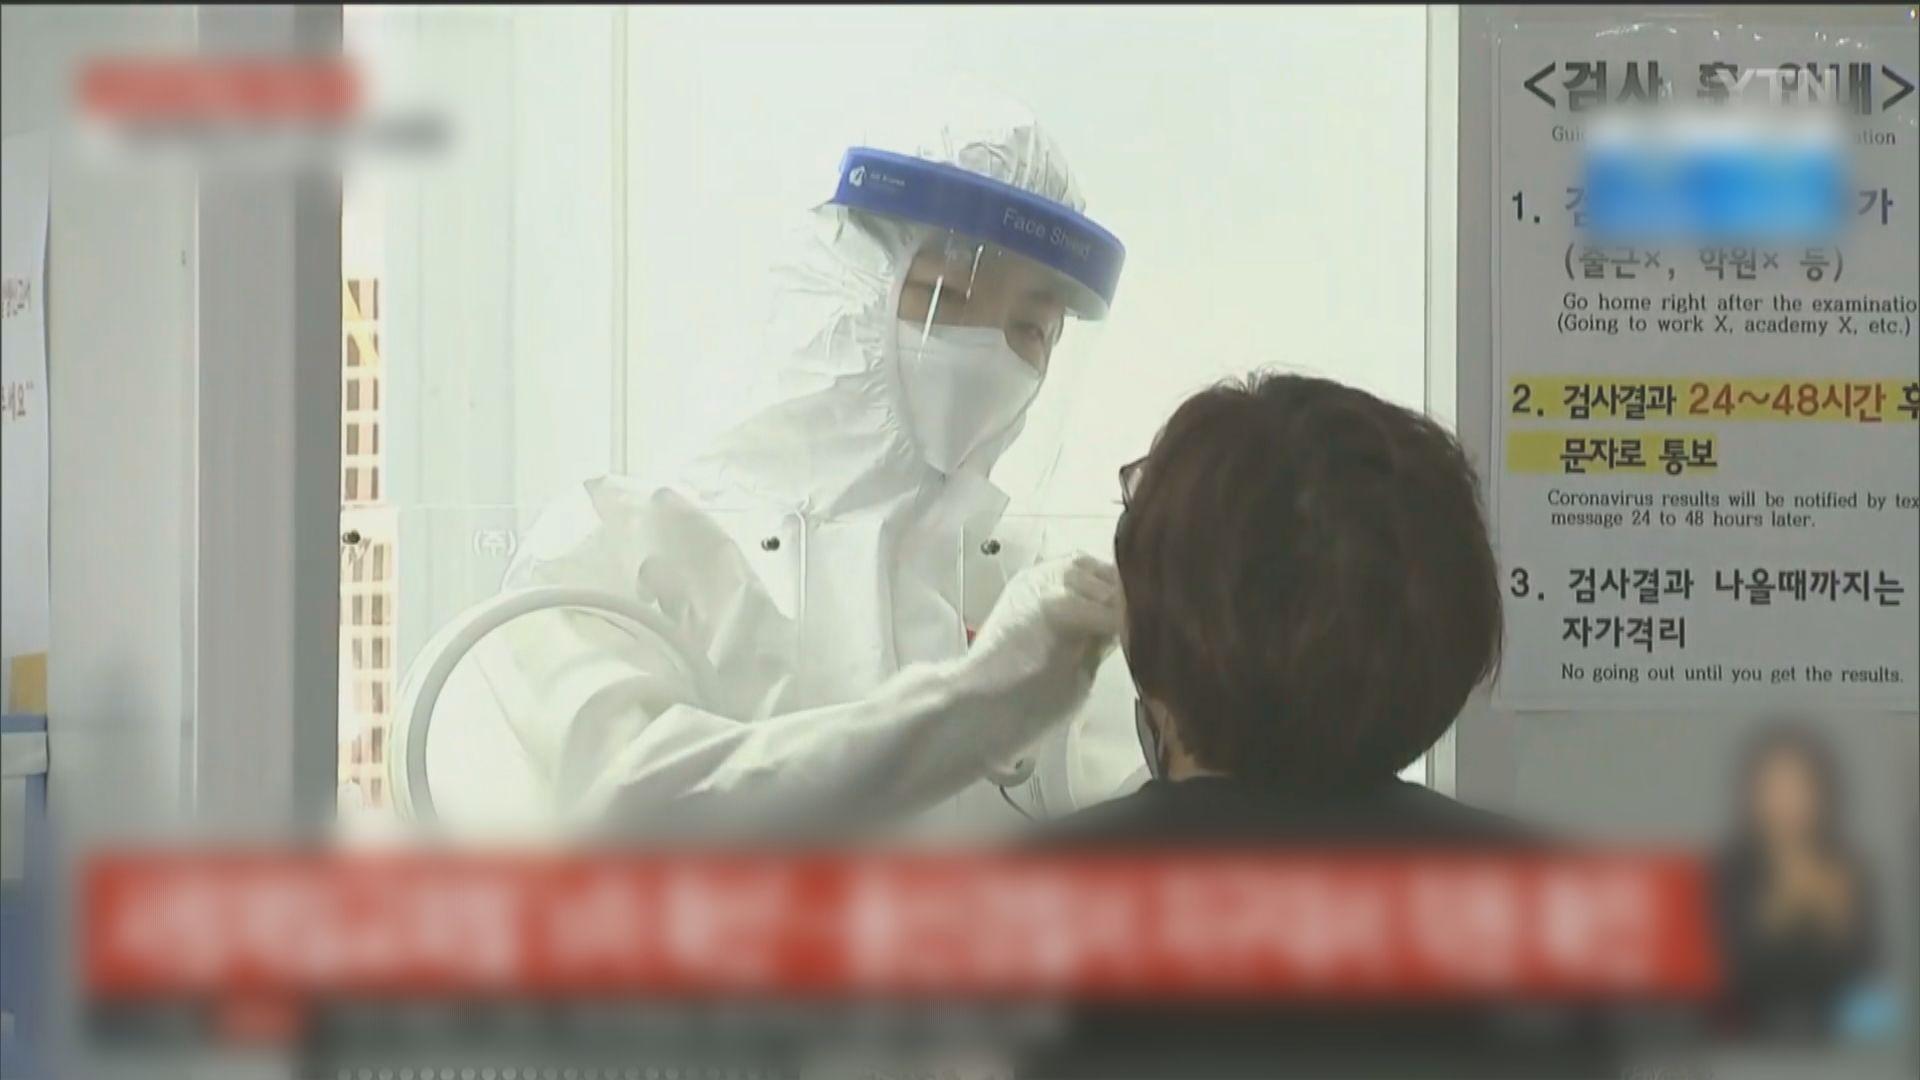 南韓爆新一輪疫情 首都圈社交距離措施級別升至第二級